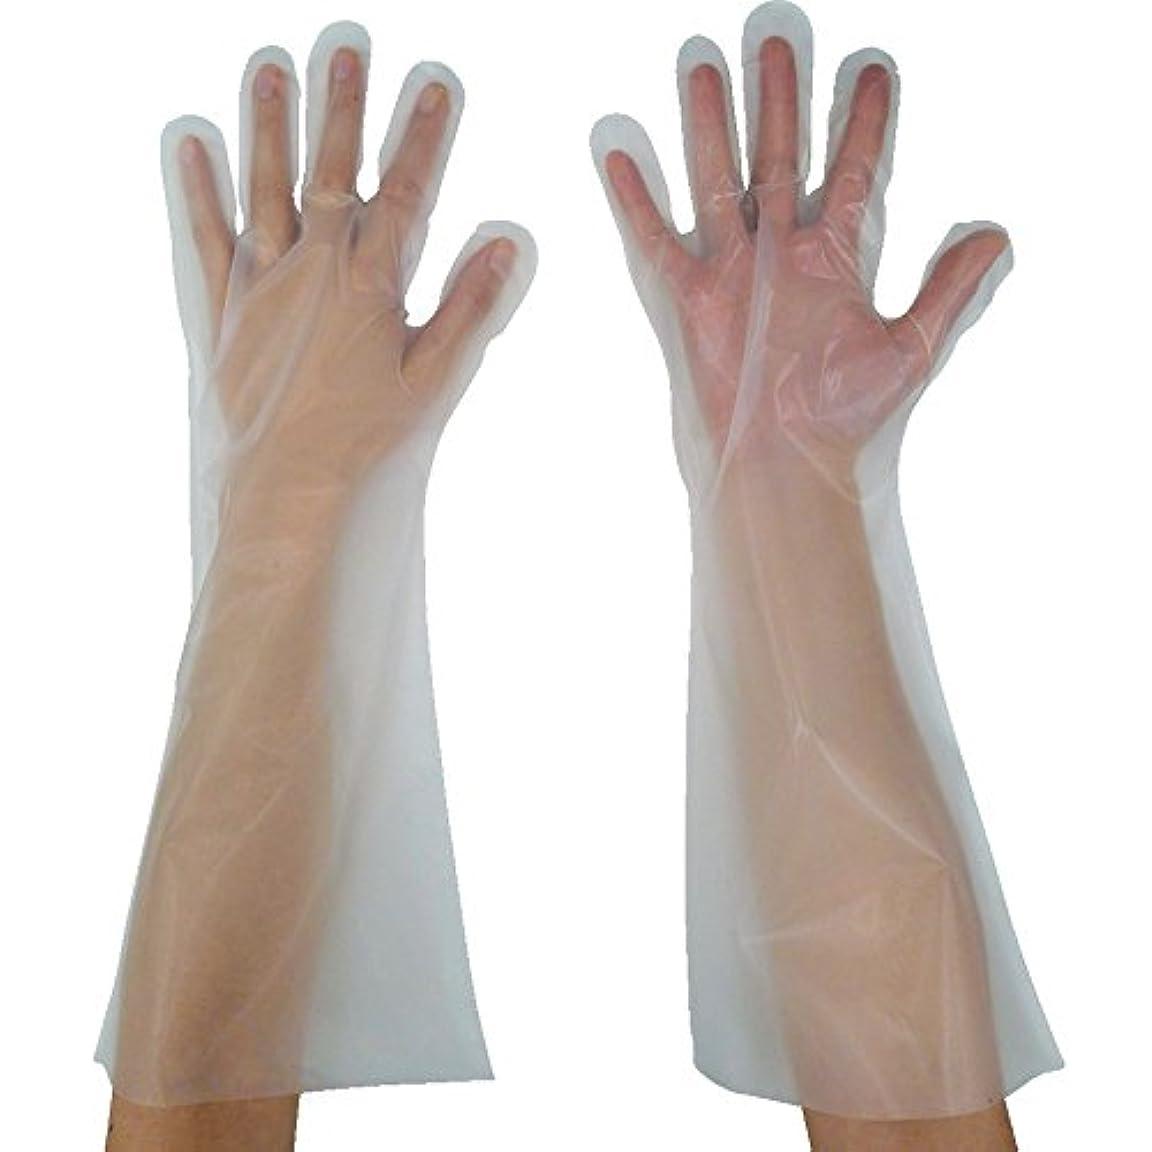 意見観点尽きる東京パック 緊急災害対策用手袋ロング五本絞りM 半透明 KL-M ポリエチレン使い捨て手袋